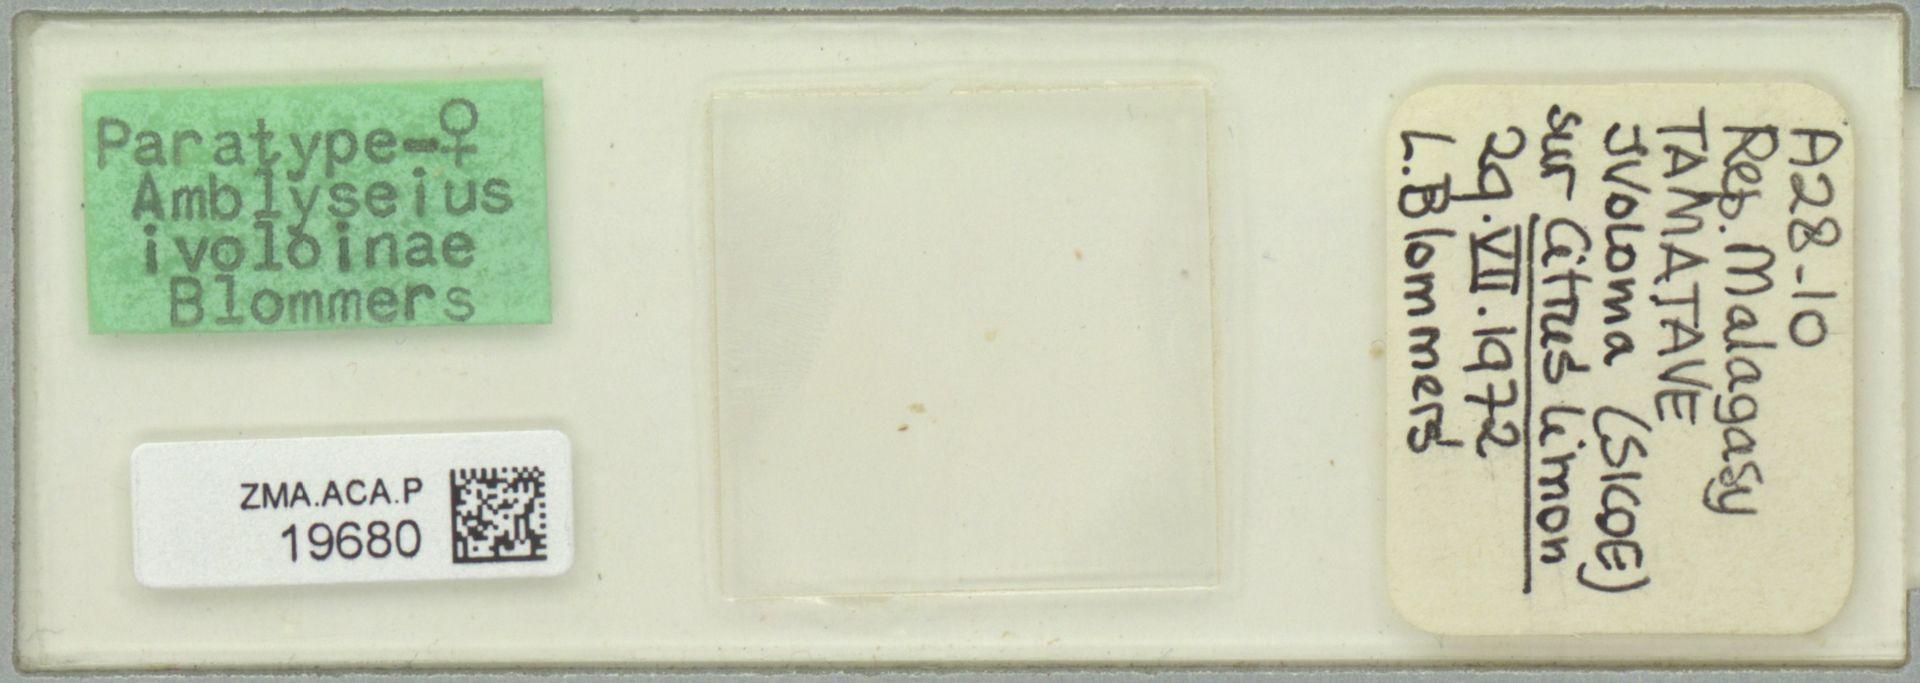 ZMA.ACA.P.19680 | Amblyseius ivoloinae Blommers